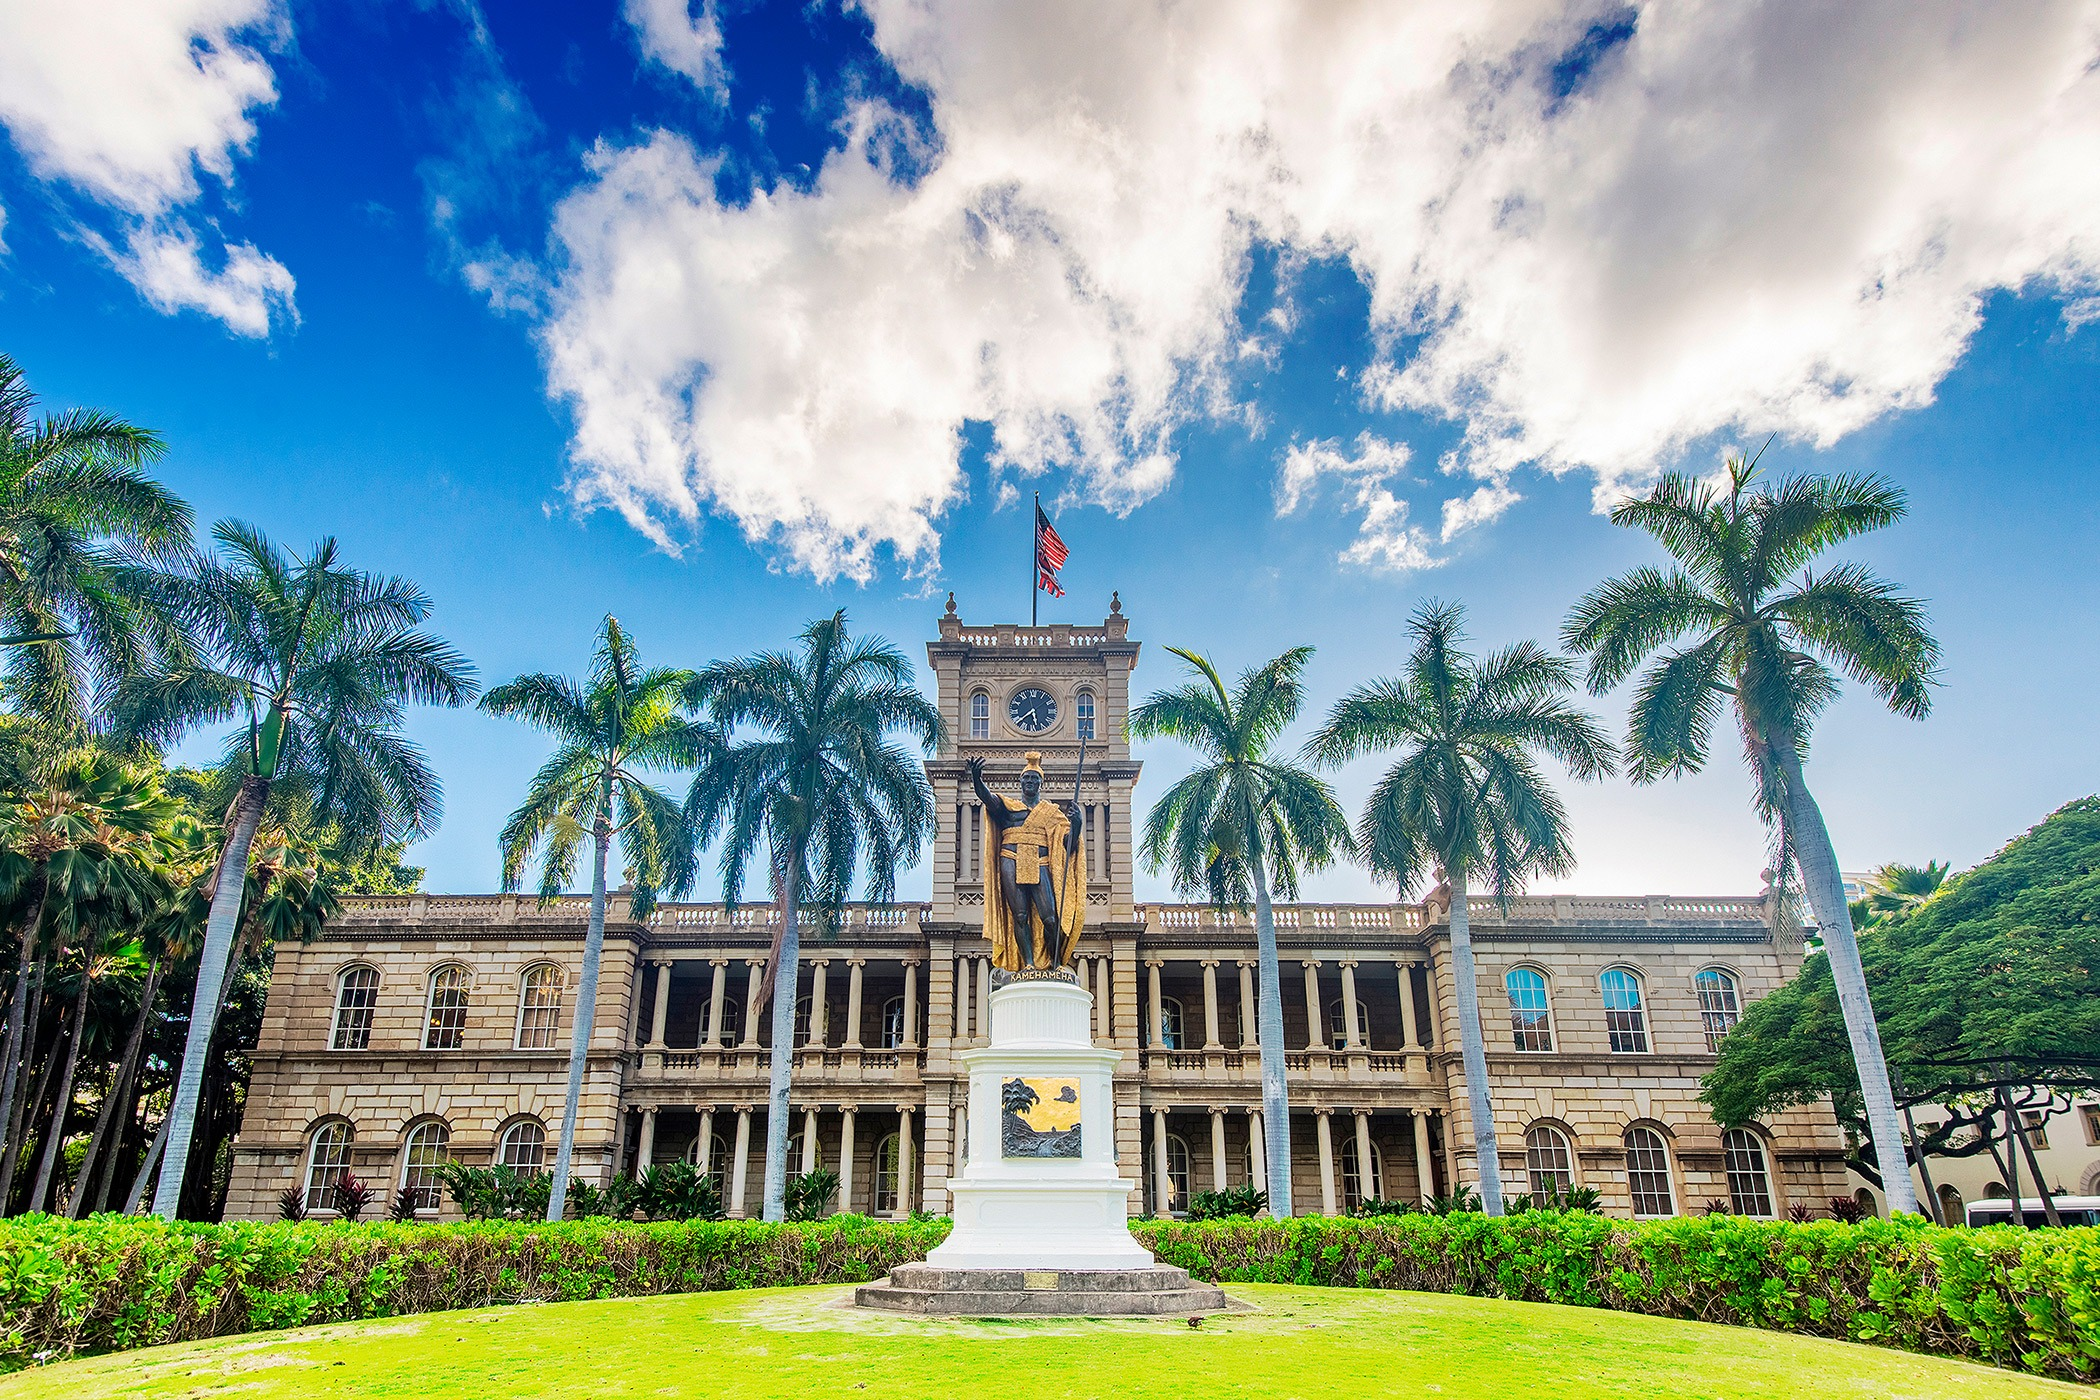 The-Royal-Hawaiian-Resort-Local-Attraction-iolani-palace